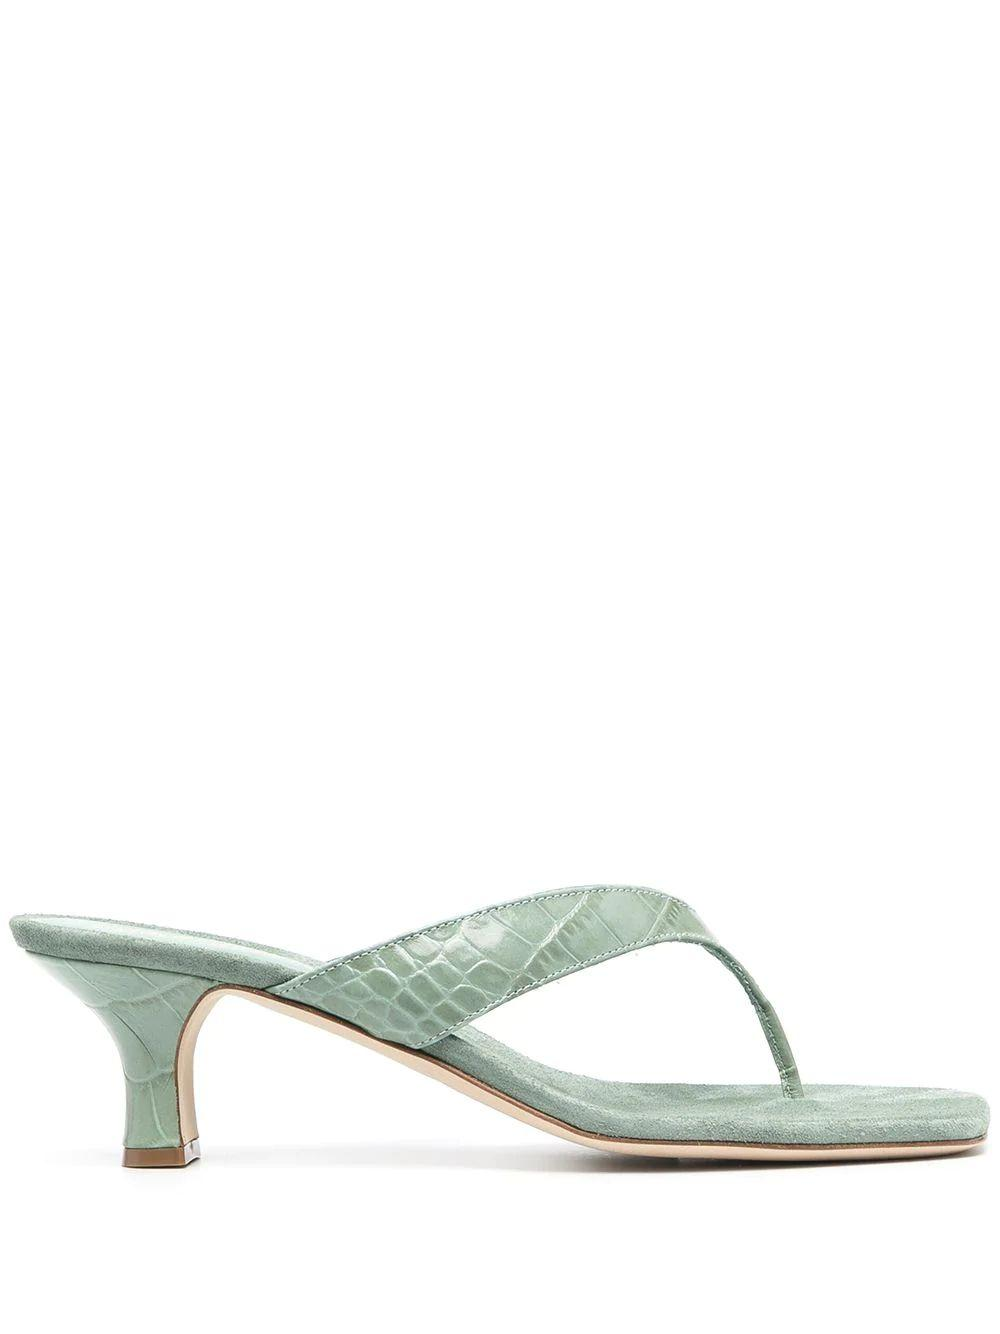 Portofino Thong Sandal